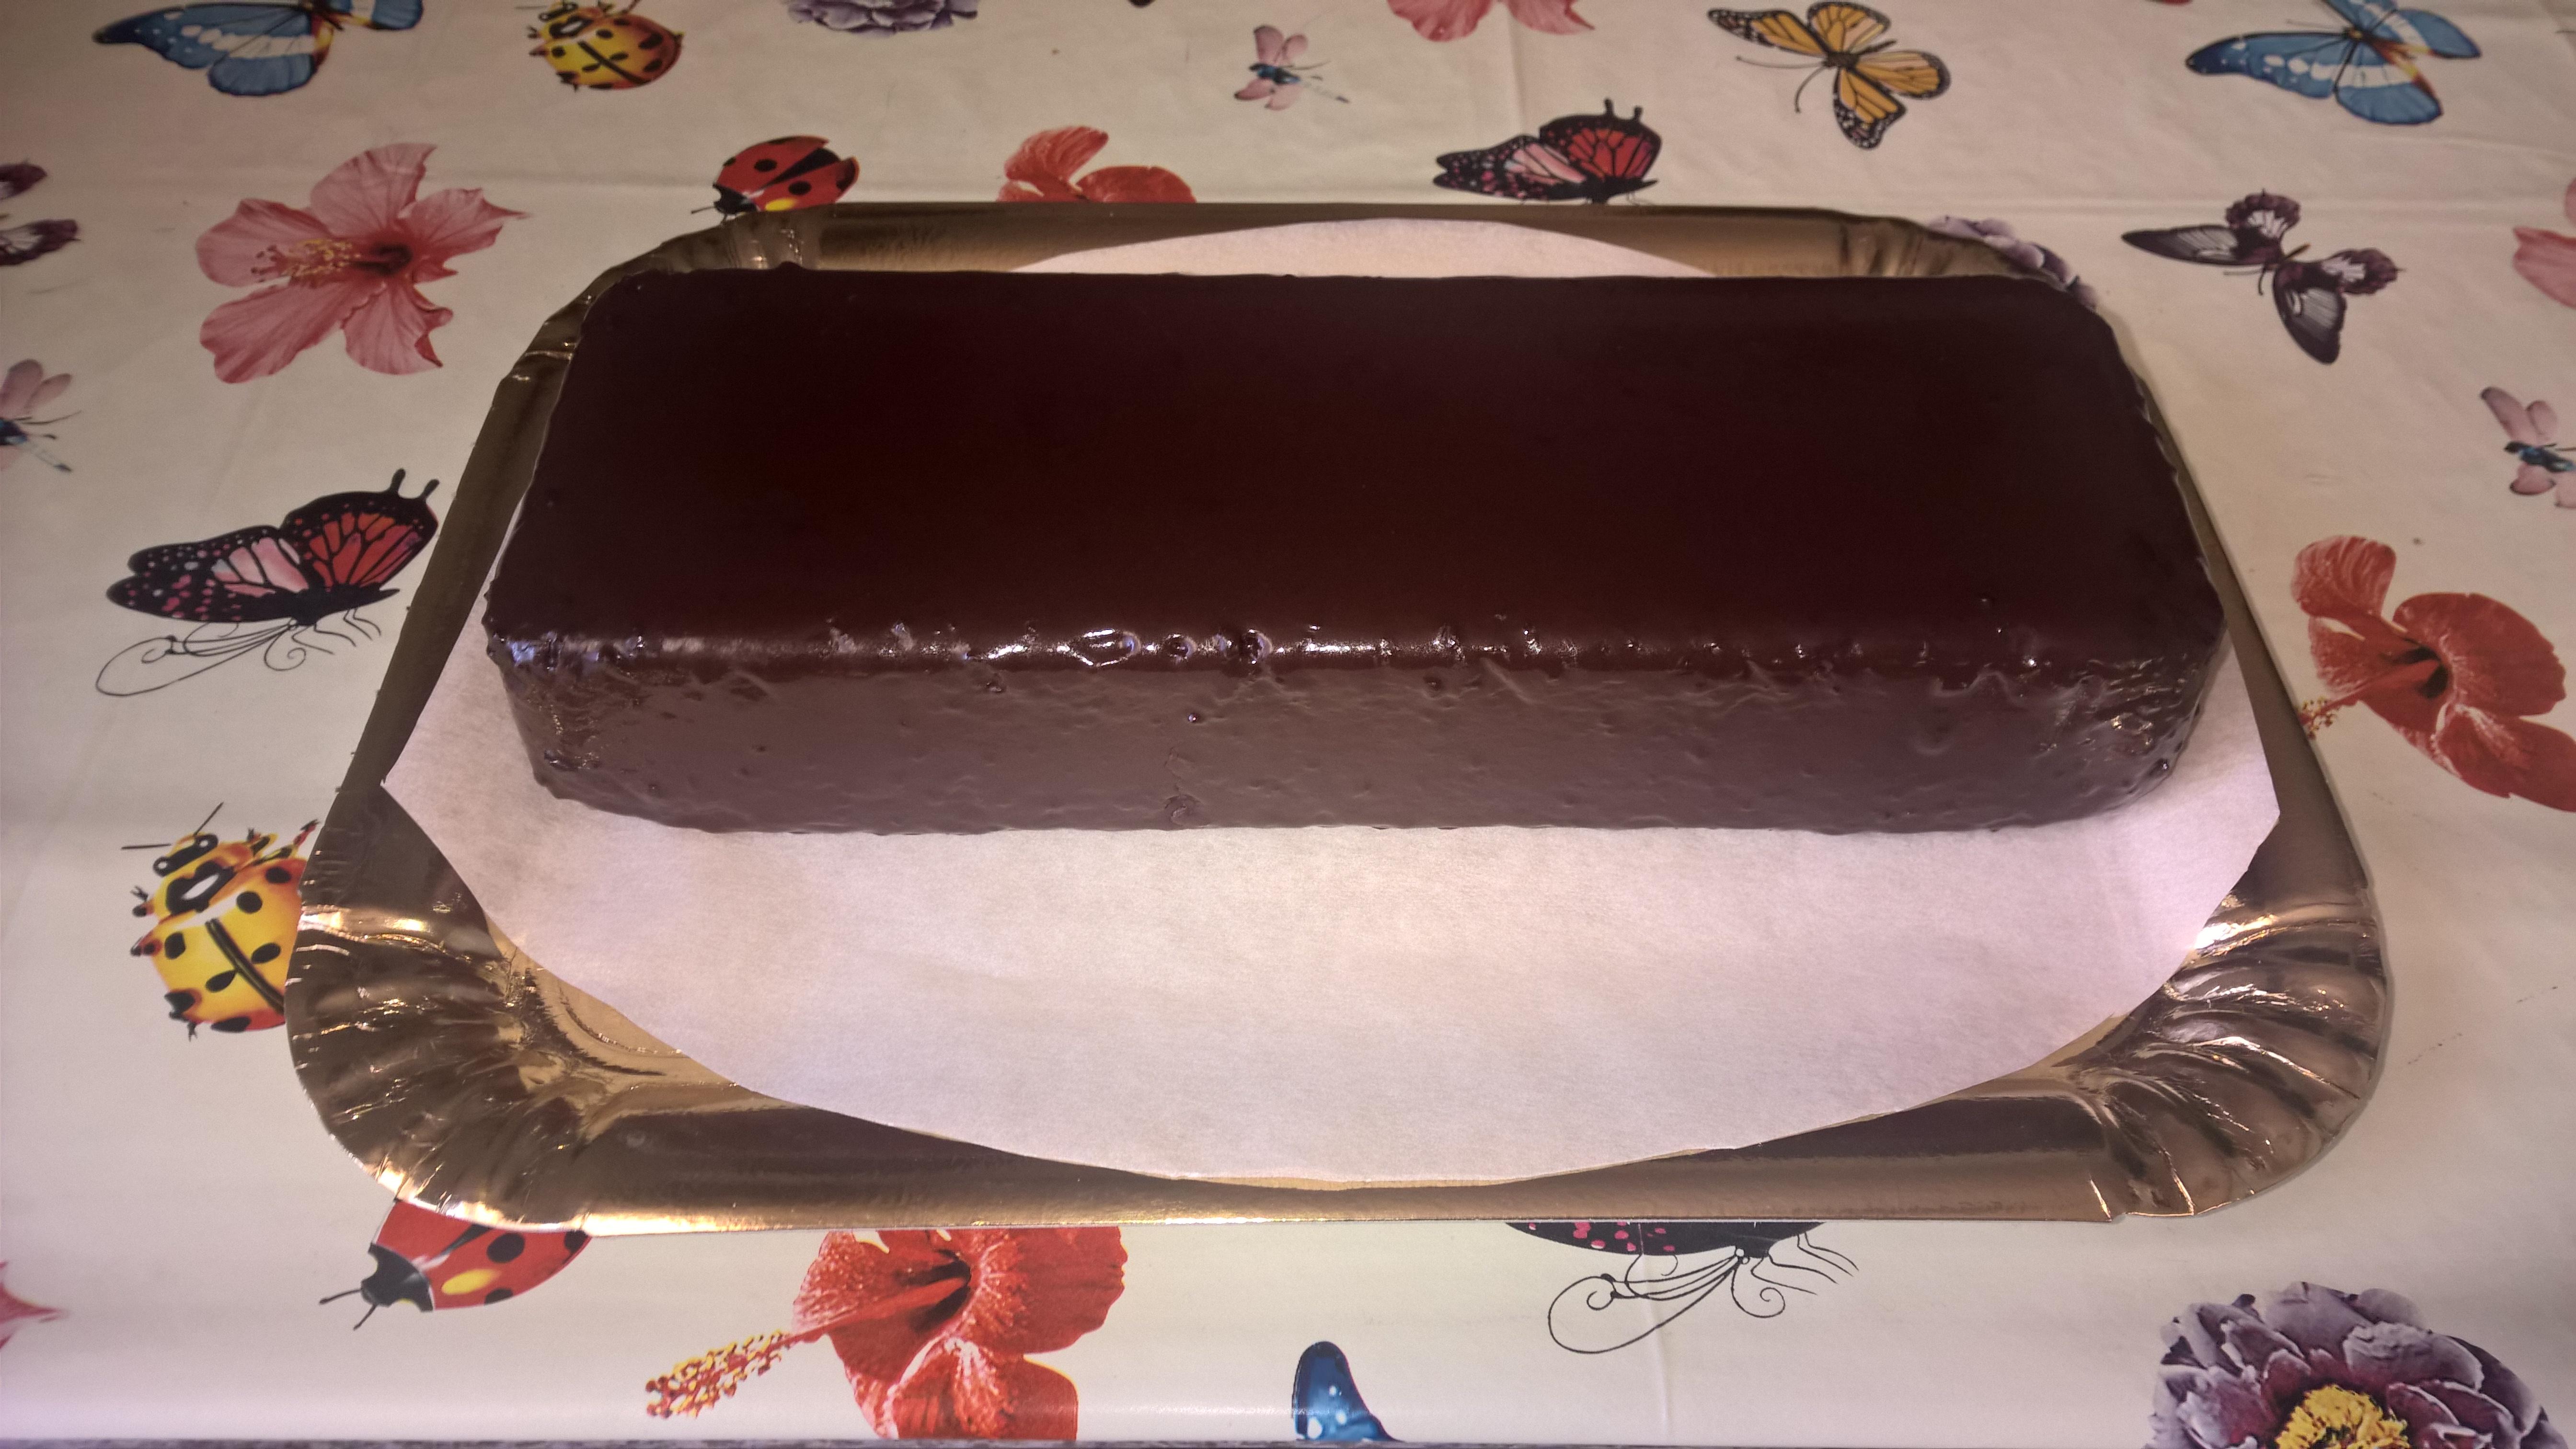 Le ricette di #Anna: #plumcake #ricoperto con #ganache al #cioccolato #fondente